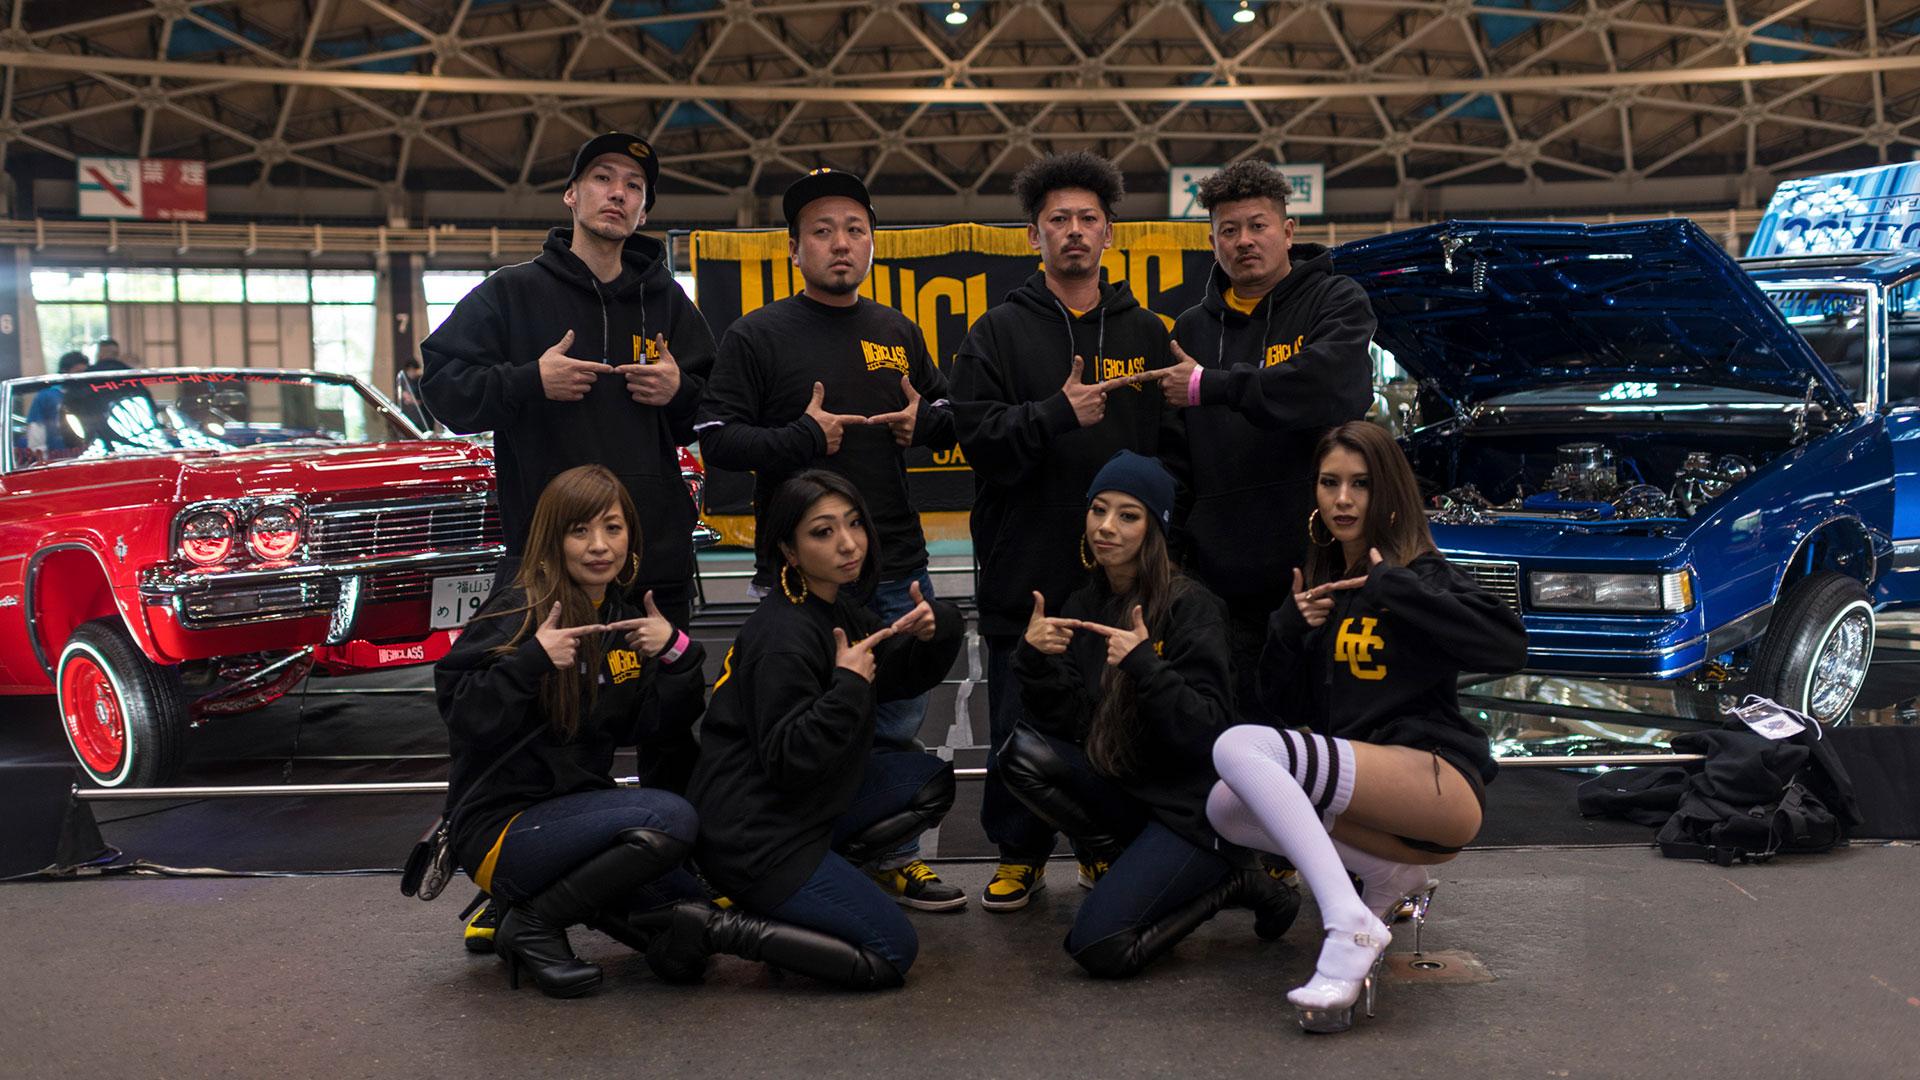 Los miembros del club de autos Highclass posan para una fotografía en Nagoya (The New York Times)